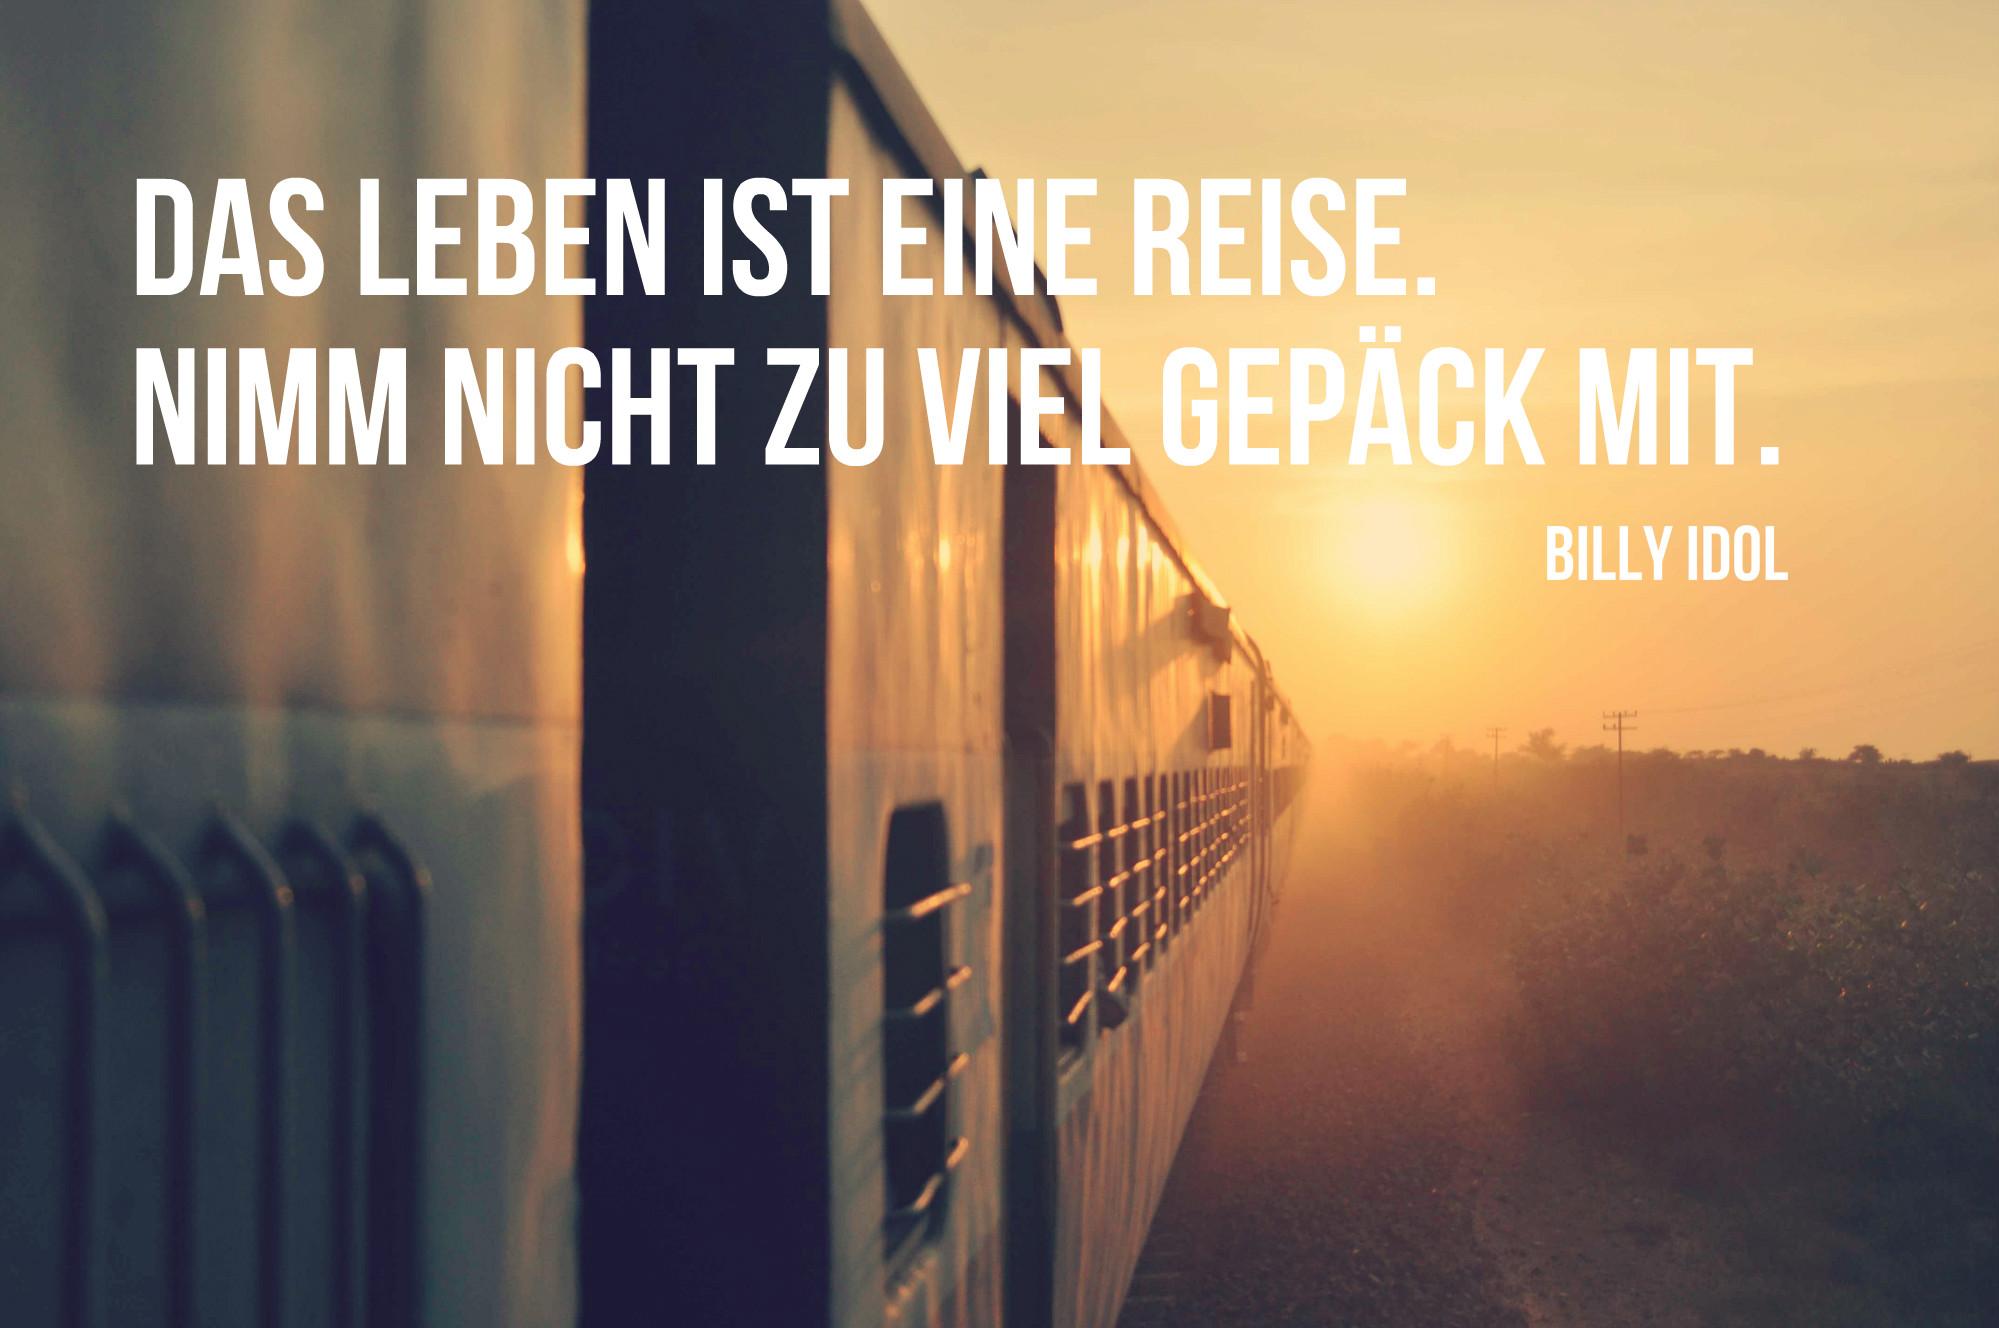 Das Leben ist eine Reise. Nimm nicht zu viel Gepäck mit.